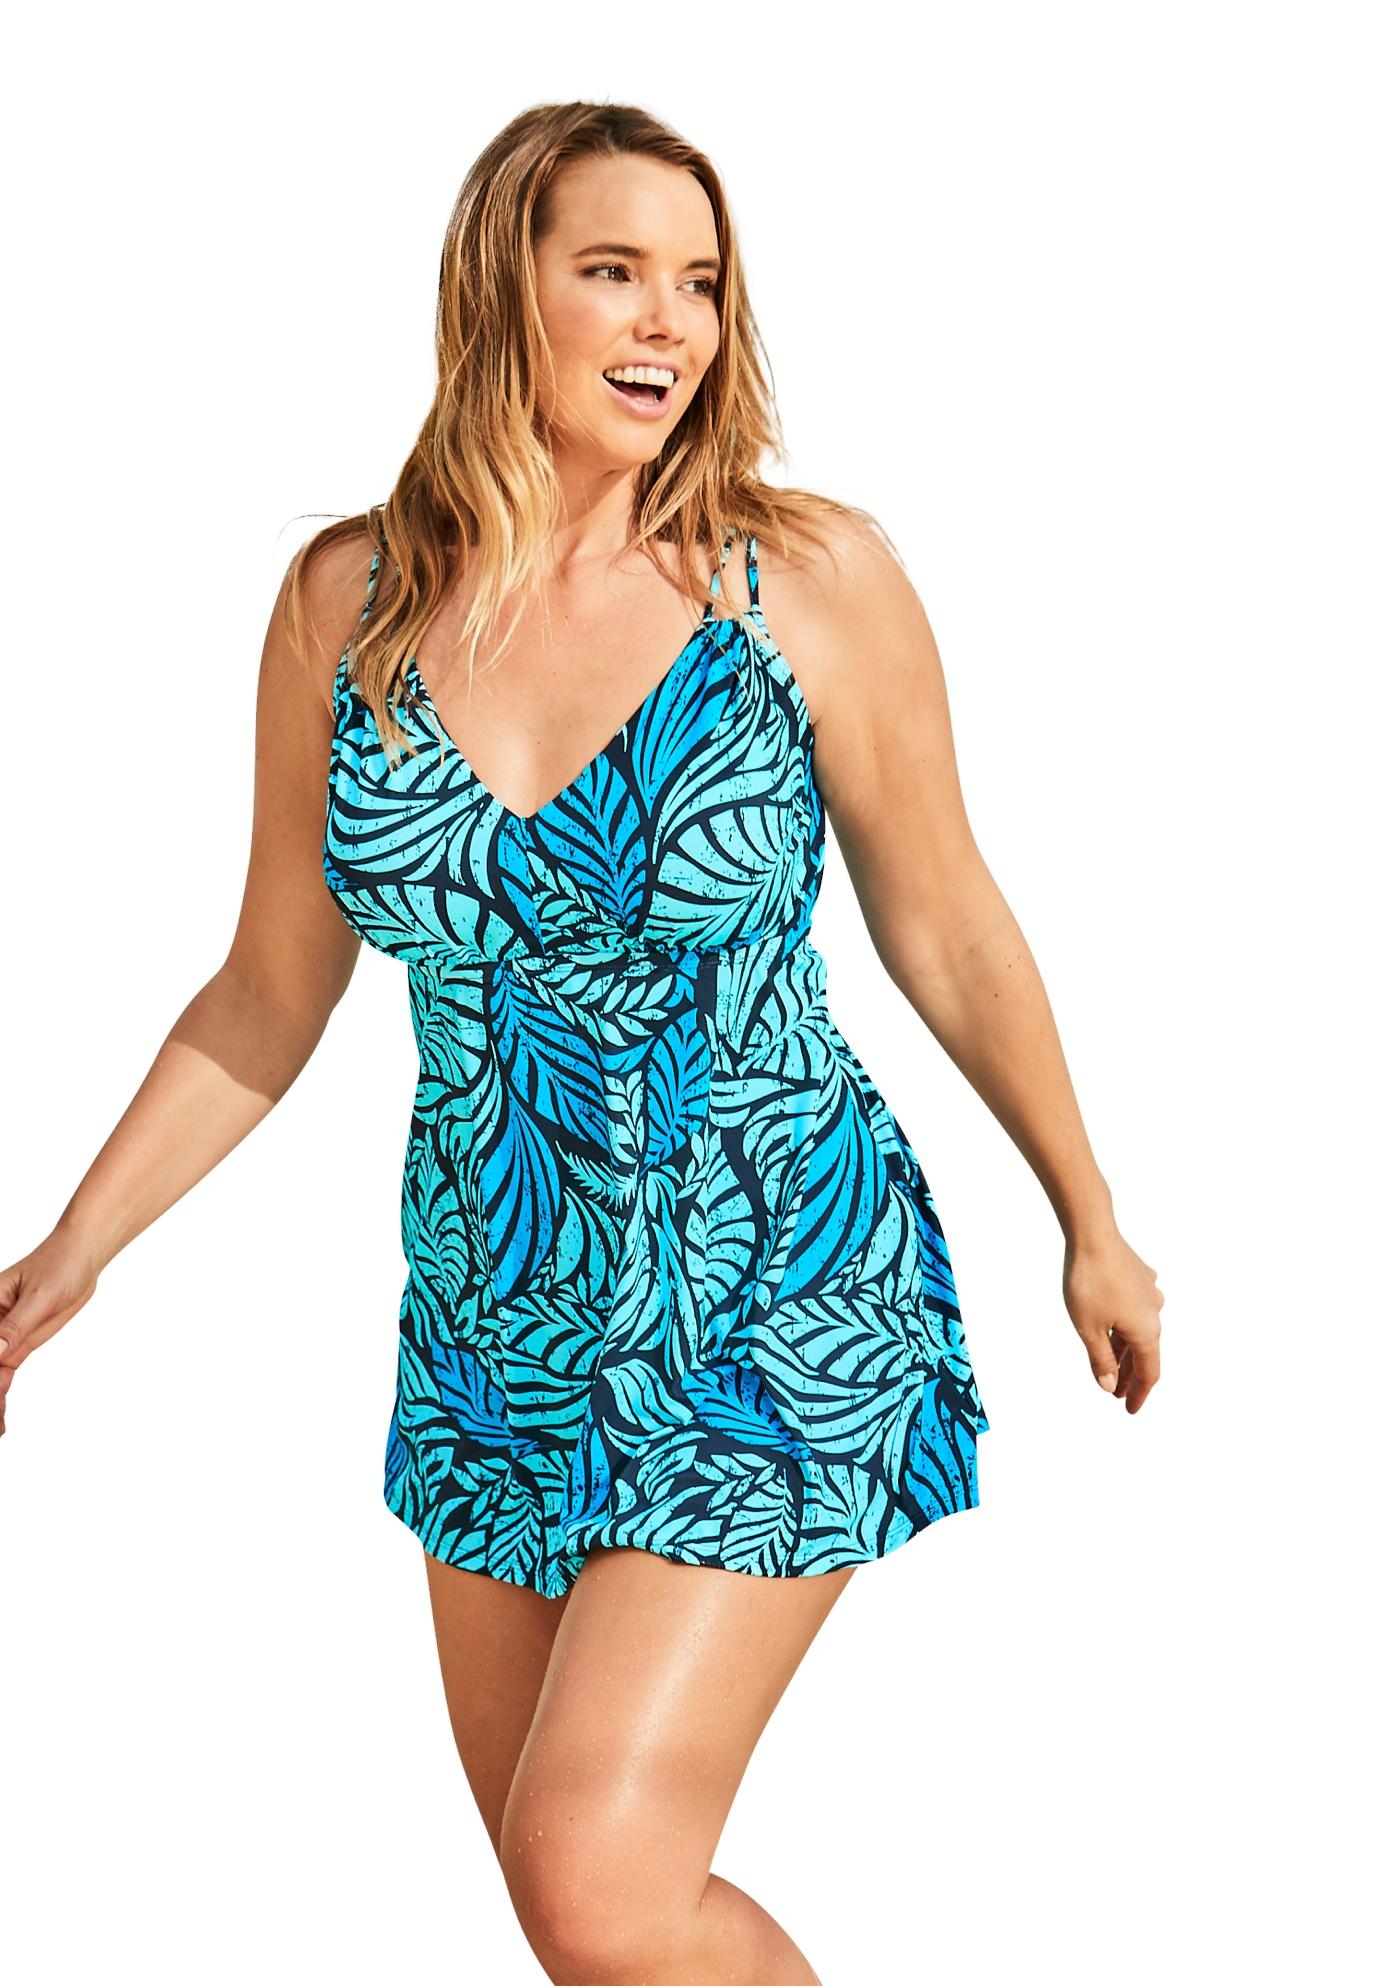 Plus Size Women's Two-Piece Swim Dress by Swim 365 in Deep Blue Leaf